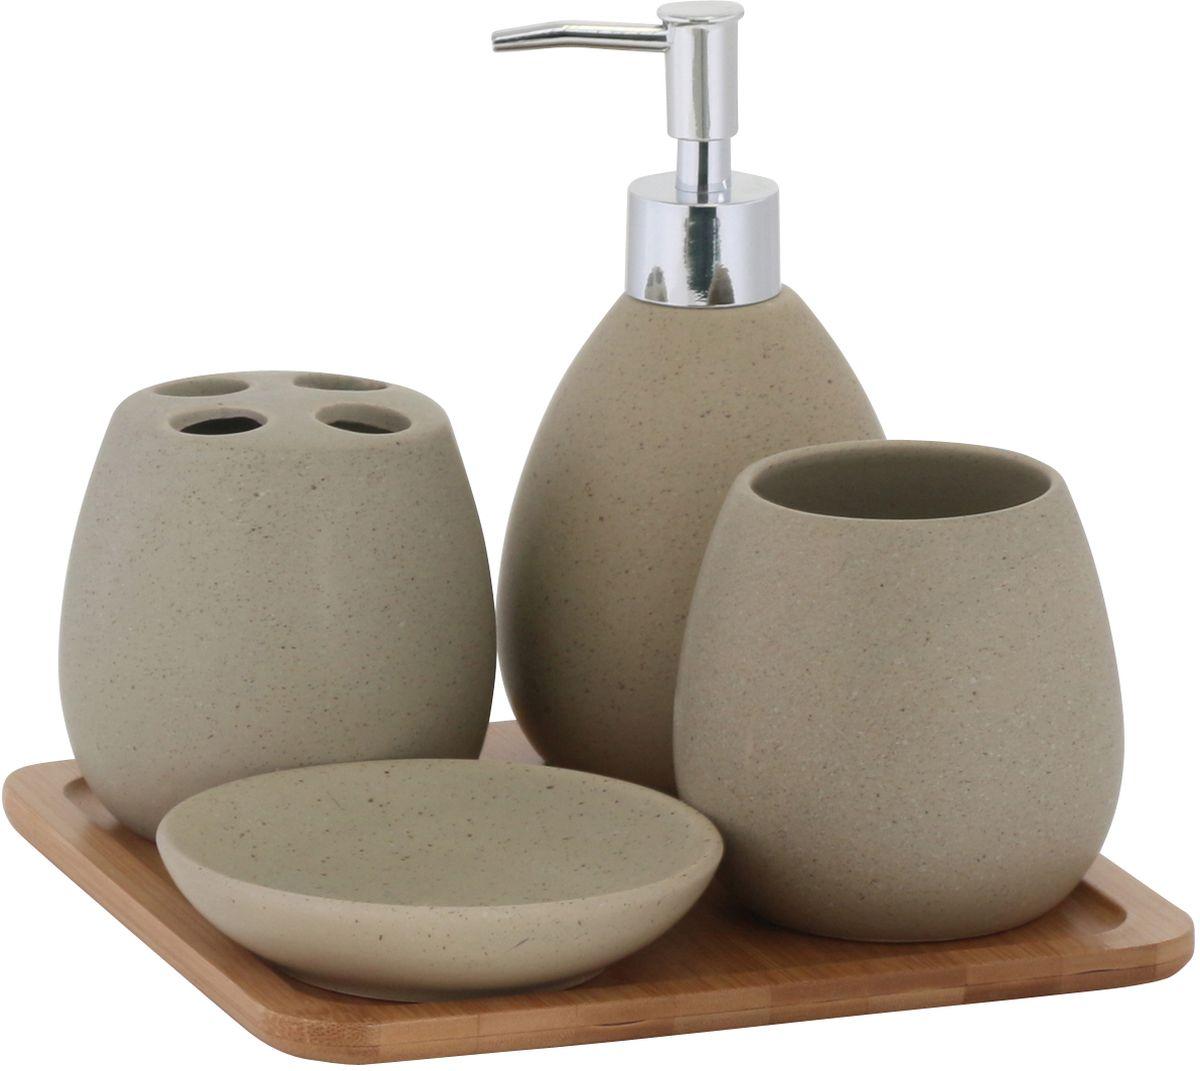 Набор для ванной комнаты Axentia Avignon, цвет: бежевый, 5 предметов126822Набор настольных аксессуаров Axentia Avignon из керамики песчаного цвета оригинальной формы. Стакан диаметр 8,5 см, высота 9 см.Стакан для зубных щеток, 4 отсека диаметр 8,5 см., высота 9 см.Дозатор для жидкого мыла диаметр 8,5 см., высота 17 см., объем 400 мл., насос хромированный. Мыльница круглая диаметр 11 см., высота 2,5 см.Лоток из бамбука 20,5 х 20,5 х 1 см. В картонной цветной коробке.